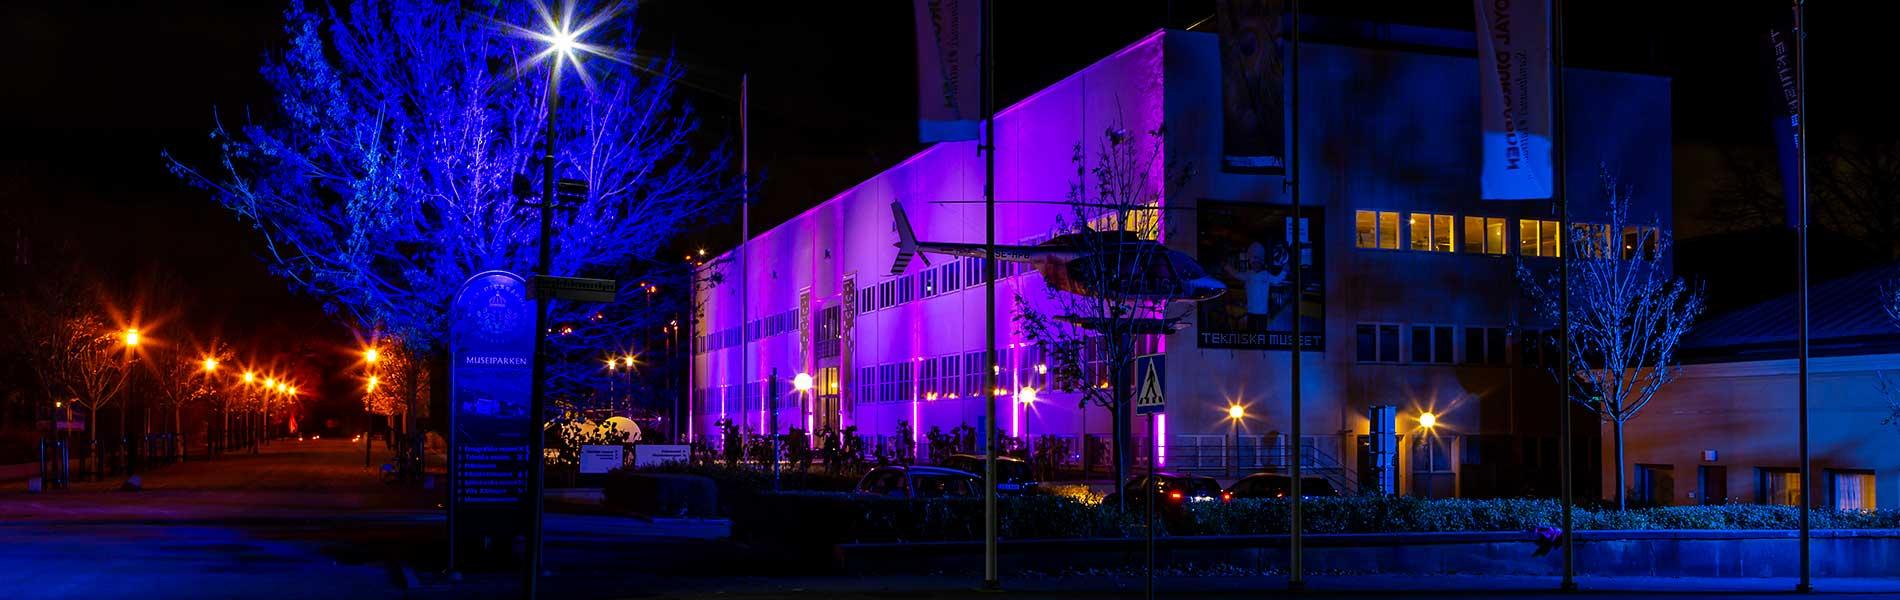 Tekniska museets fasad kvällstid med blå-lila belysning